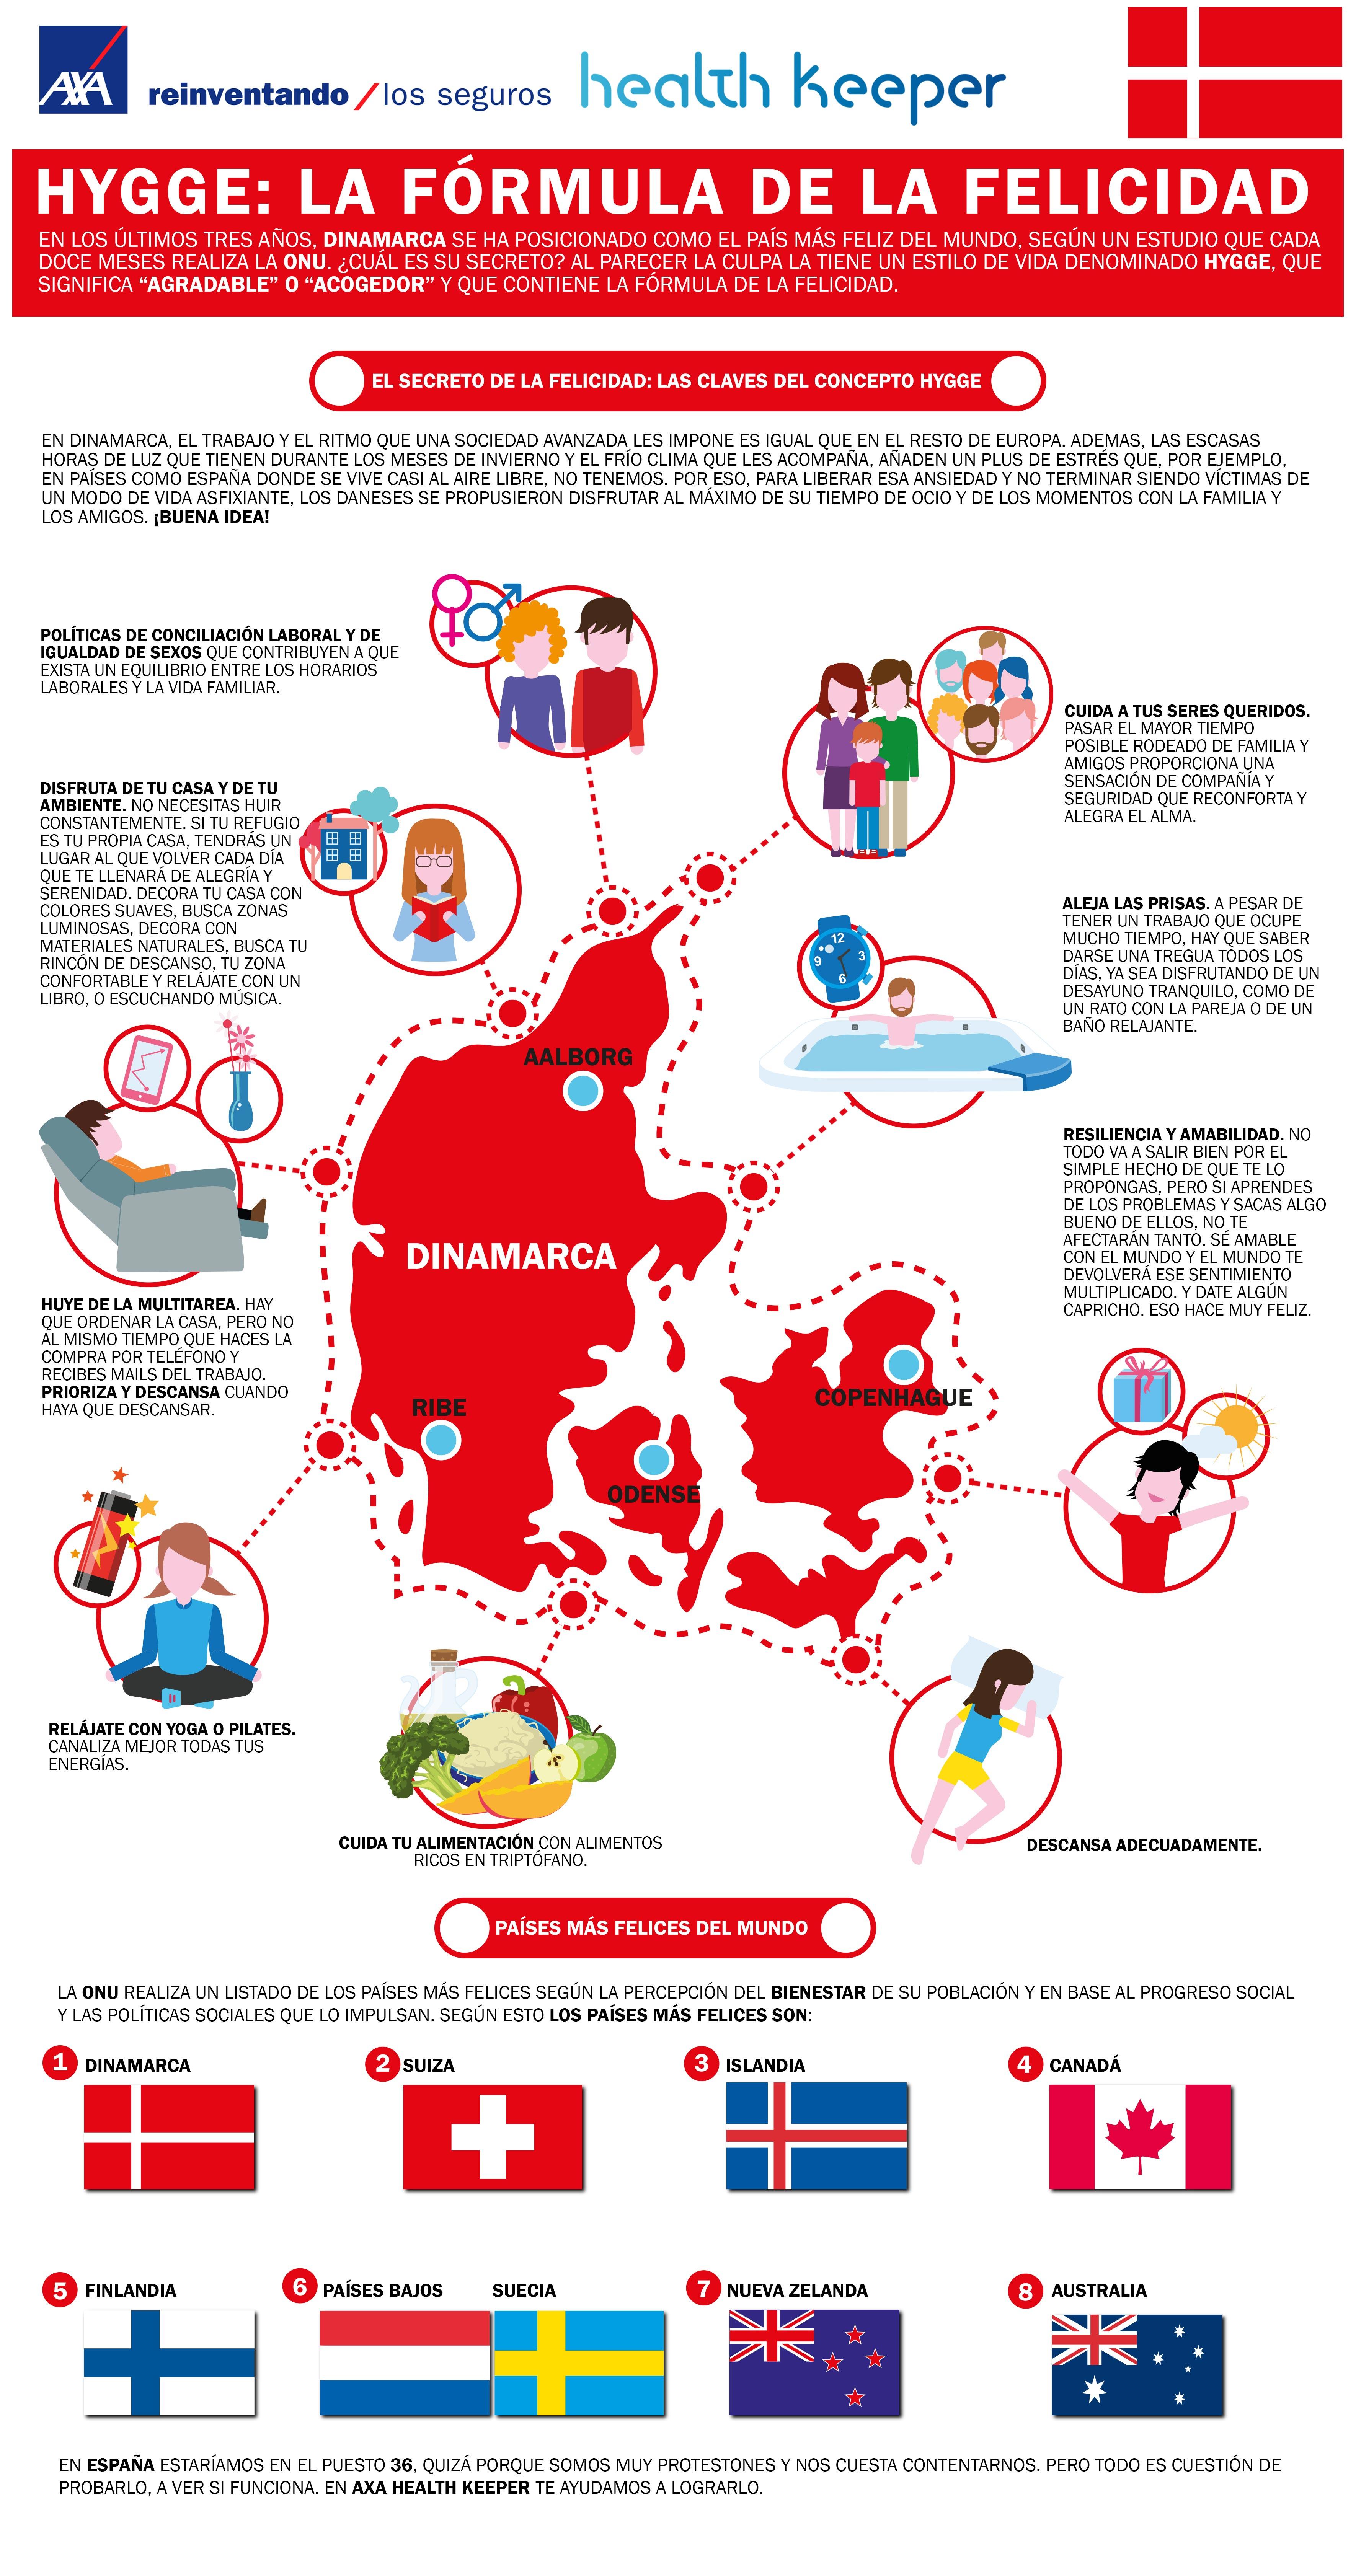 Hygge: la fórmula de la felicidad danesa| AXA Healthkeeper